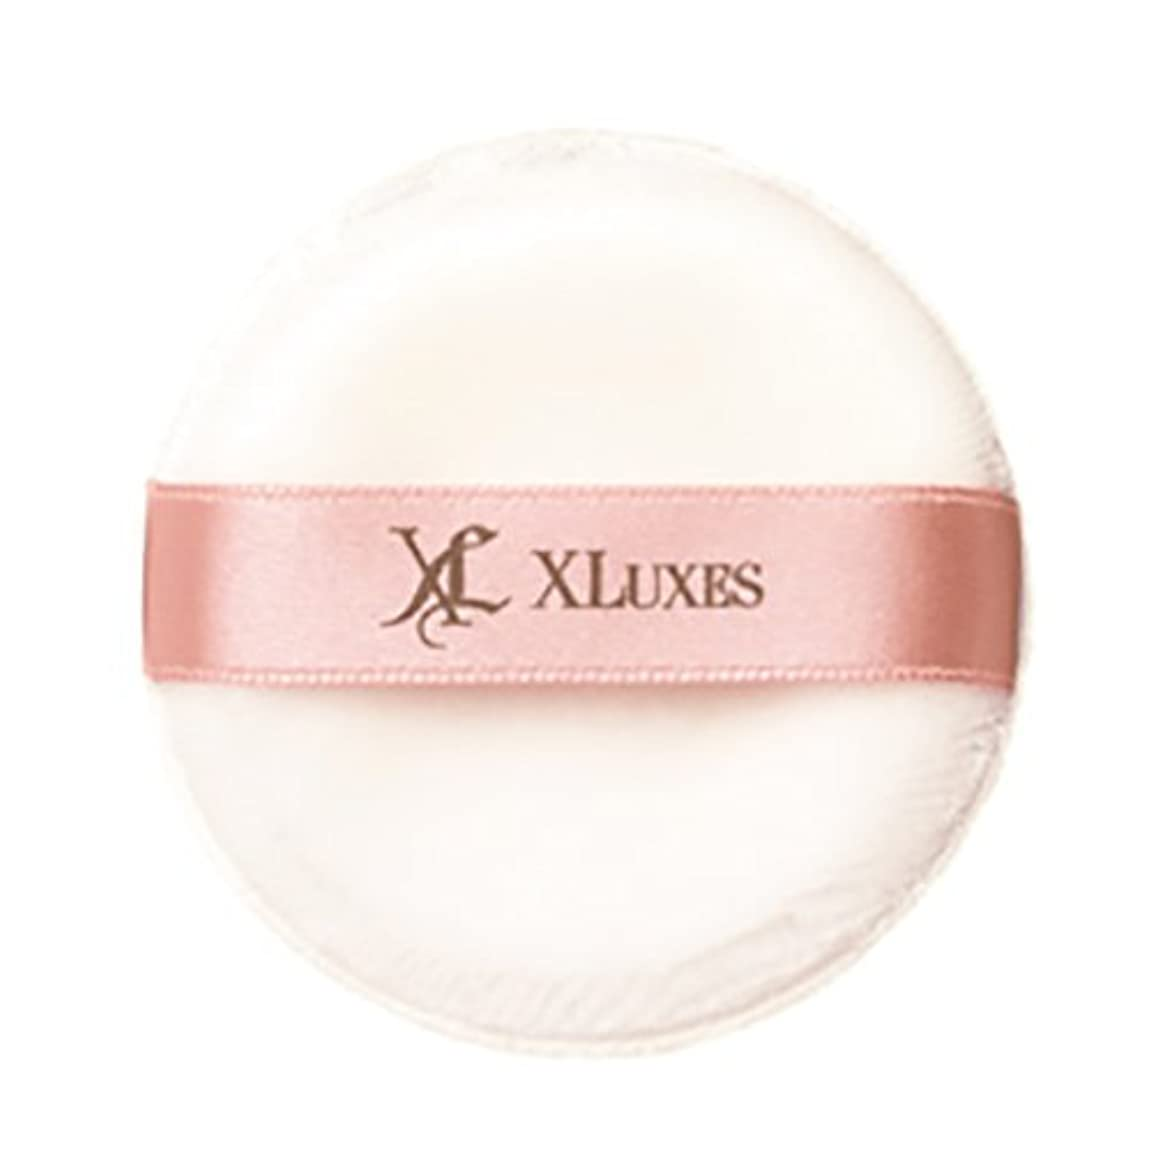 鹿オーブン下XLUXES フェイスパウダー専用パフ (きめ細やかで柔らかい感触) プロケアビヨンド 1個入